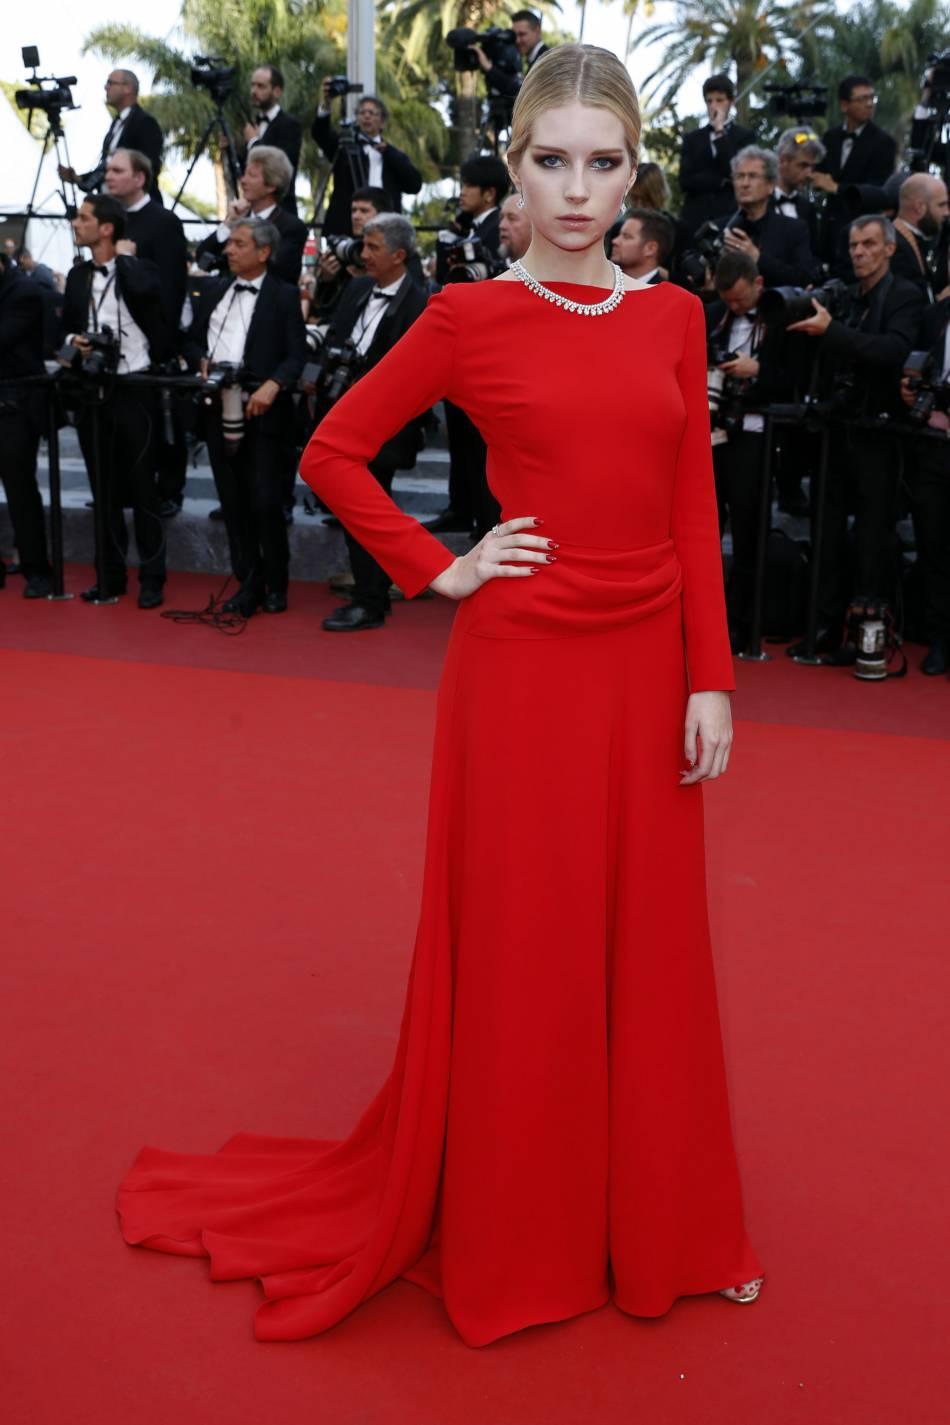 Lottie Moss montre qu'elle a déjà tout compris aux règles du tapis rouge en adoptant cette coiffure tendance.